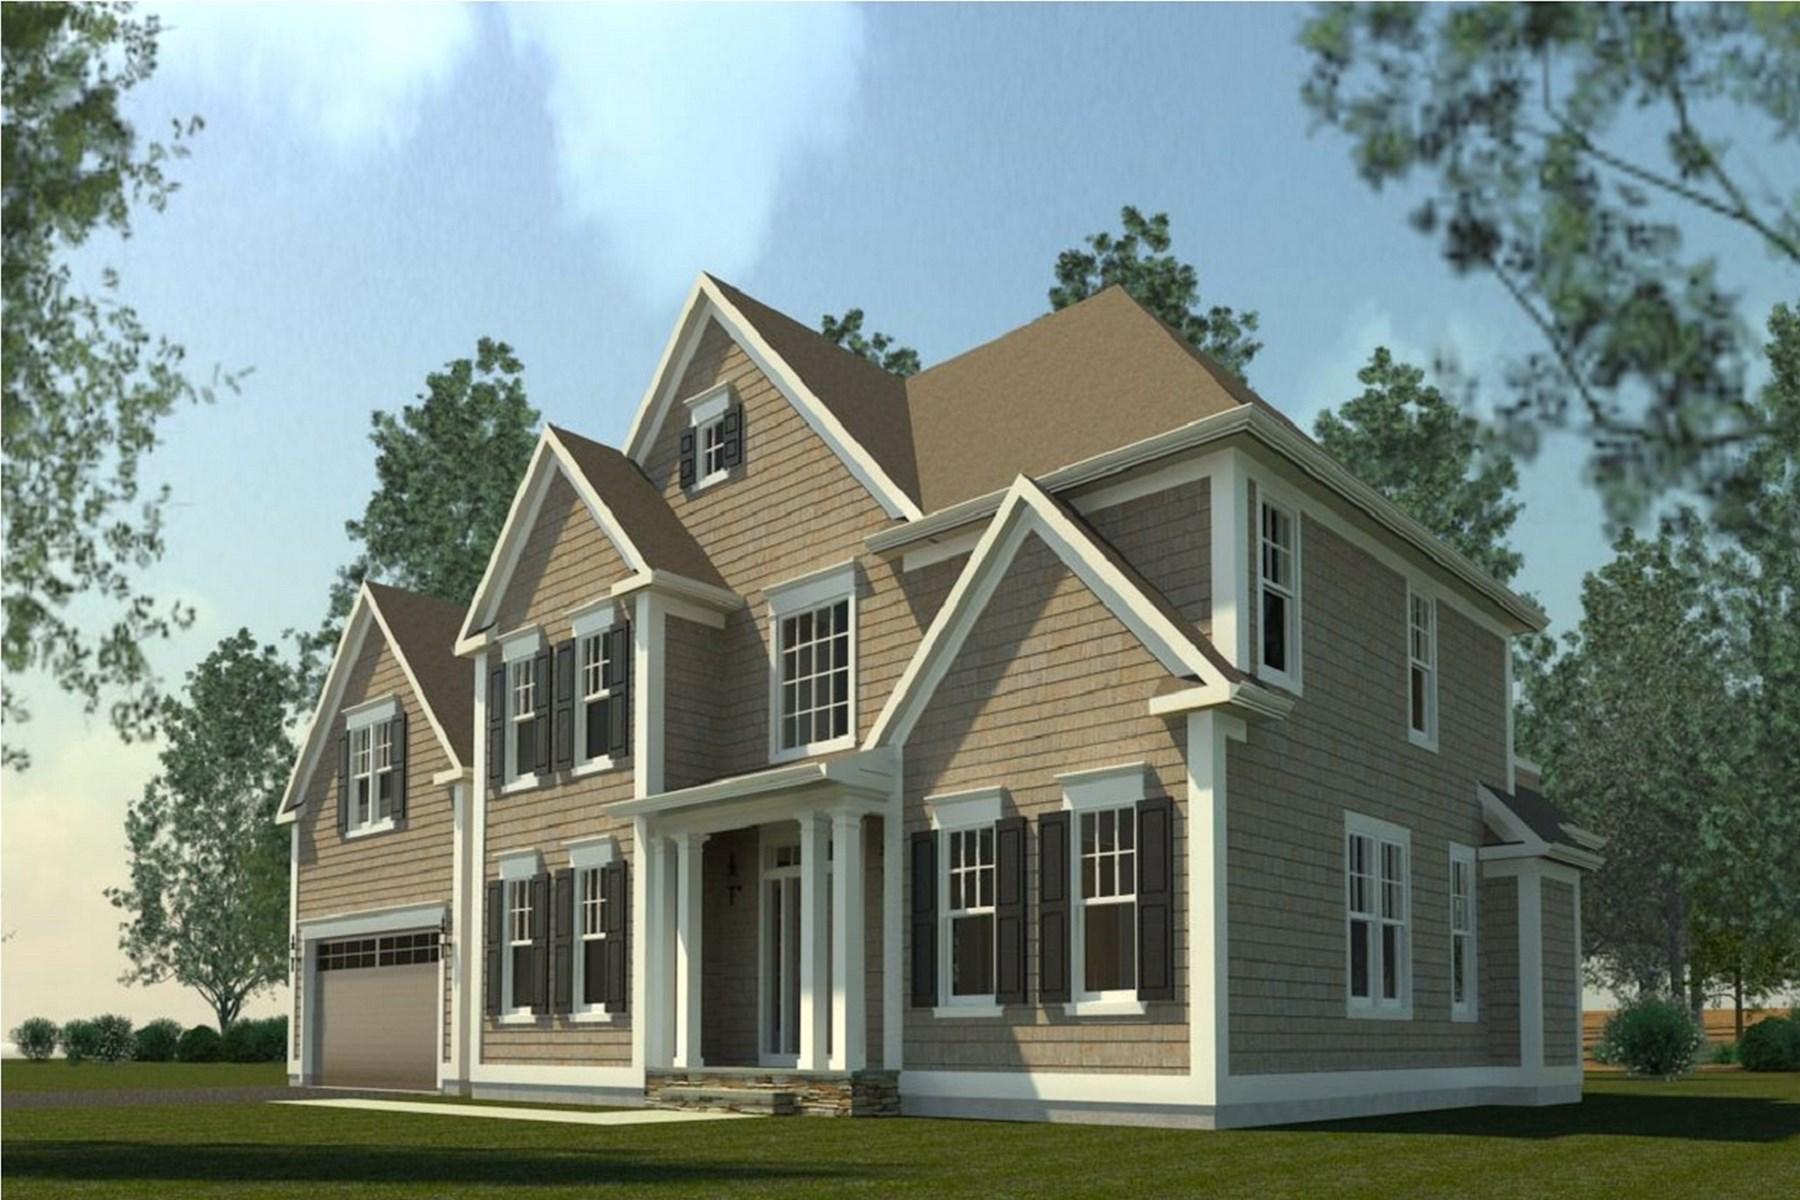 Casa para uma família para Venda às A New Home for The New Year 41 Riverside Lane Riverside, Connecticut 06878 Estados Unidos